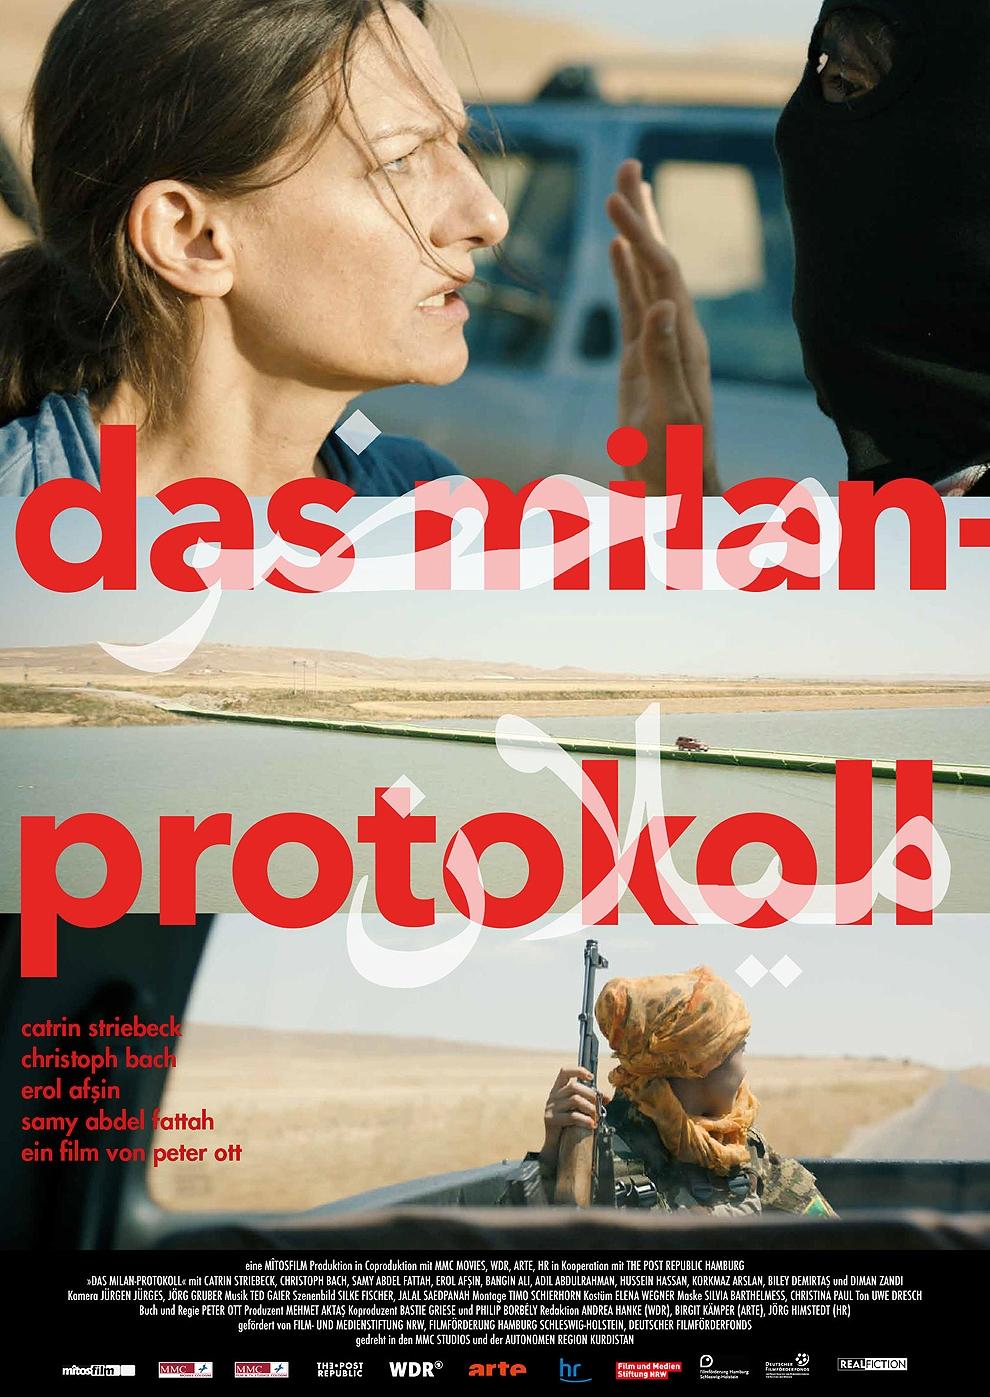 Das Milan-Protokoll (Poster)